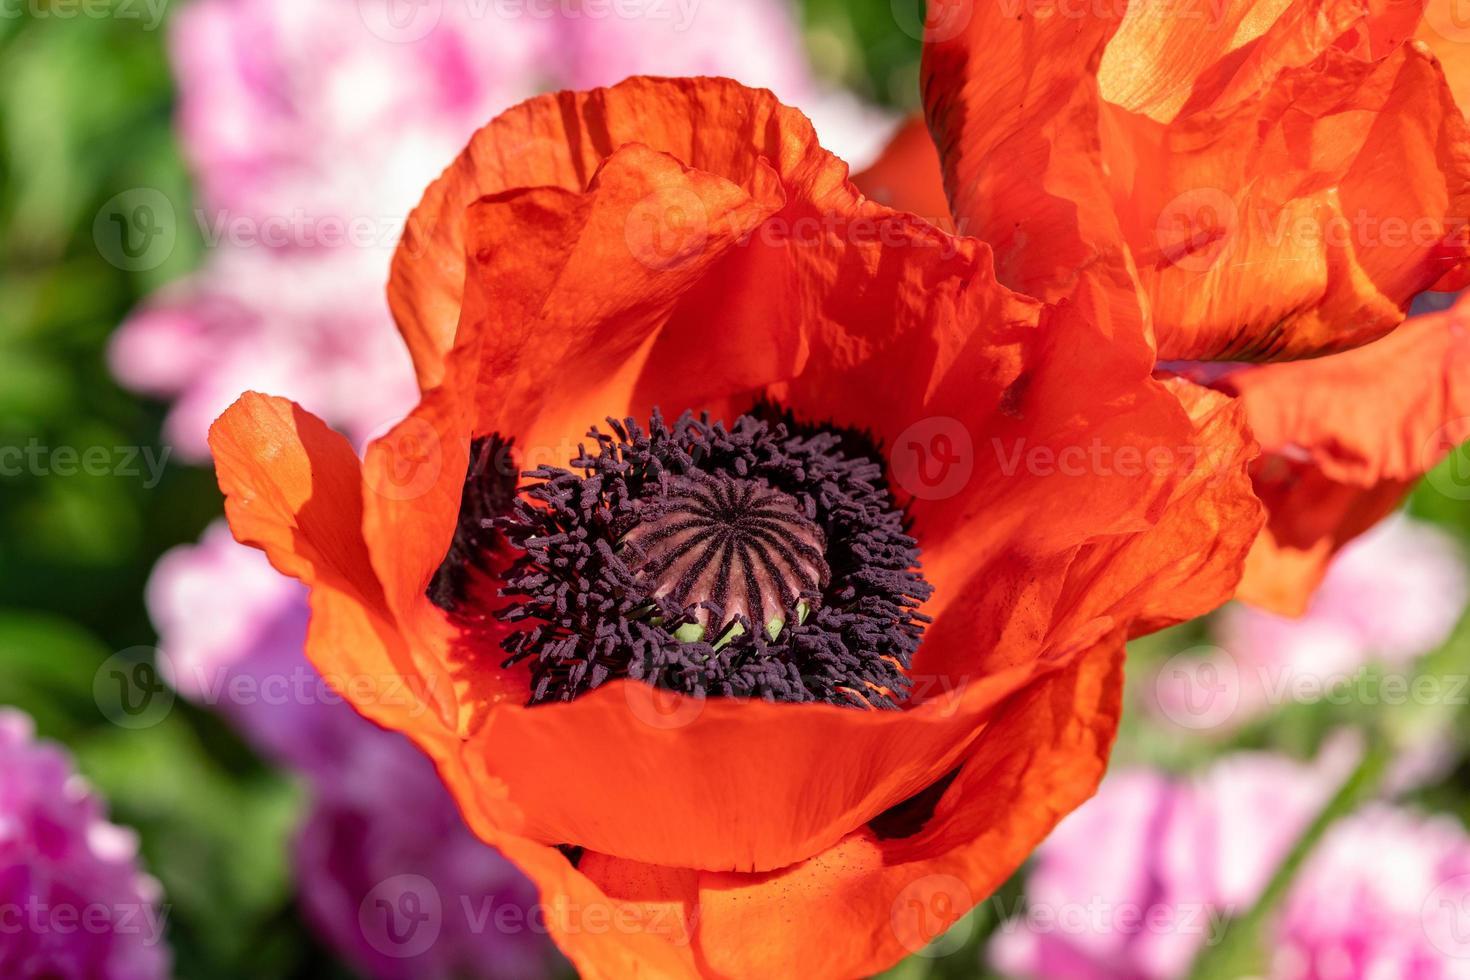 Close up di un vivace fiore arancione papavero foto